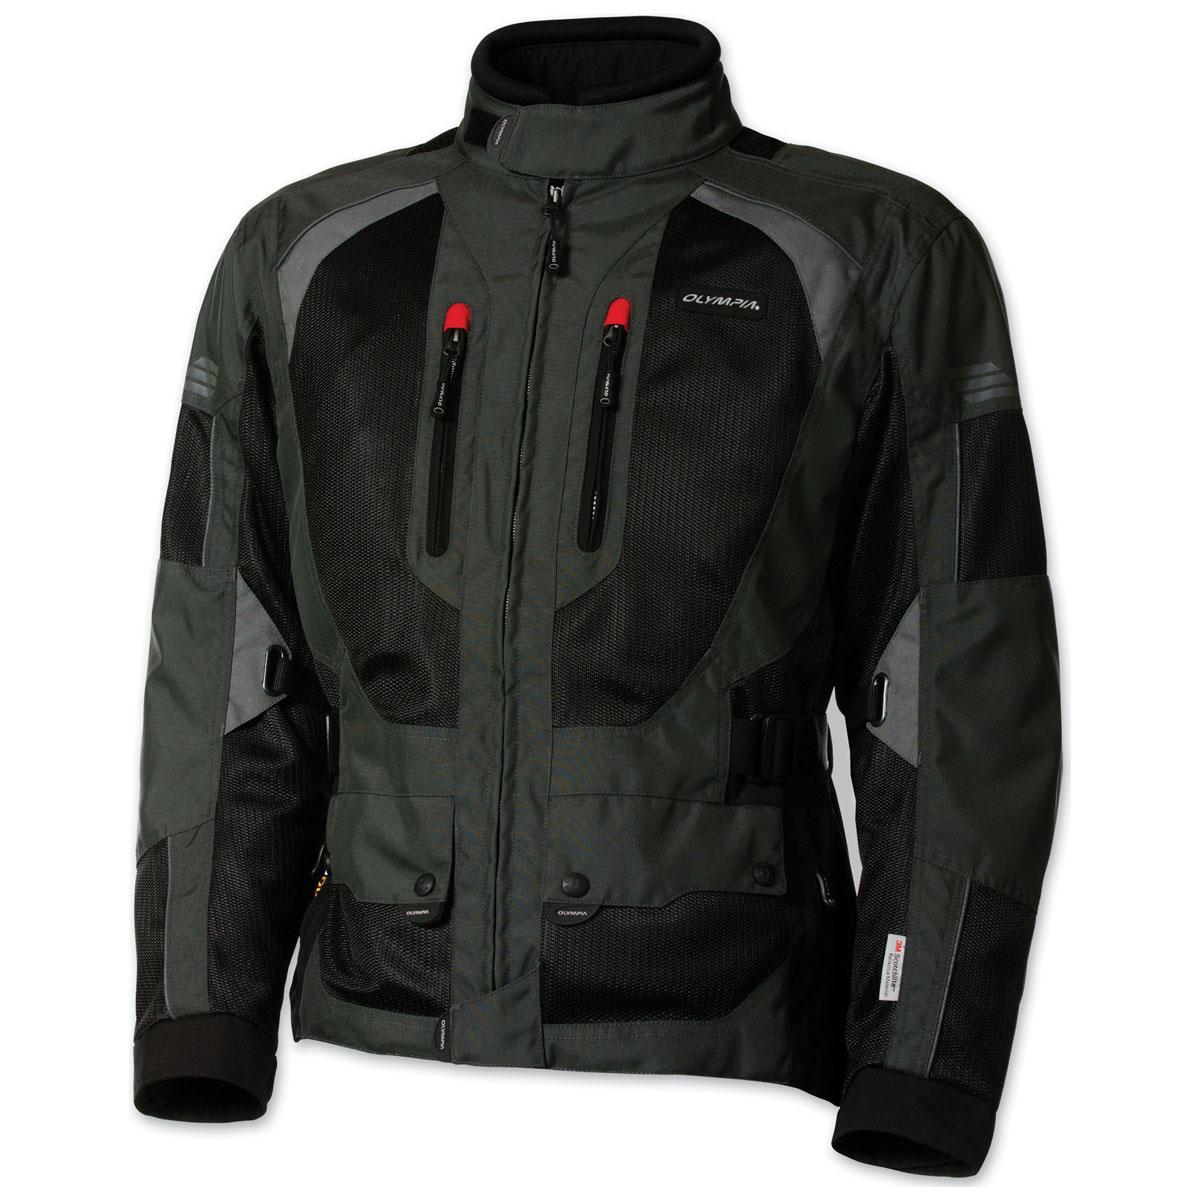 Olympia Moto Sports Men's Dakar 2 Fatigue Gray Jacket